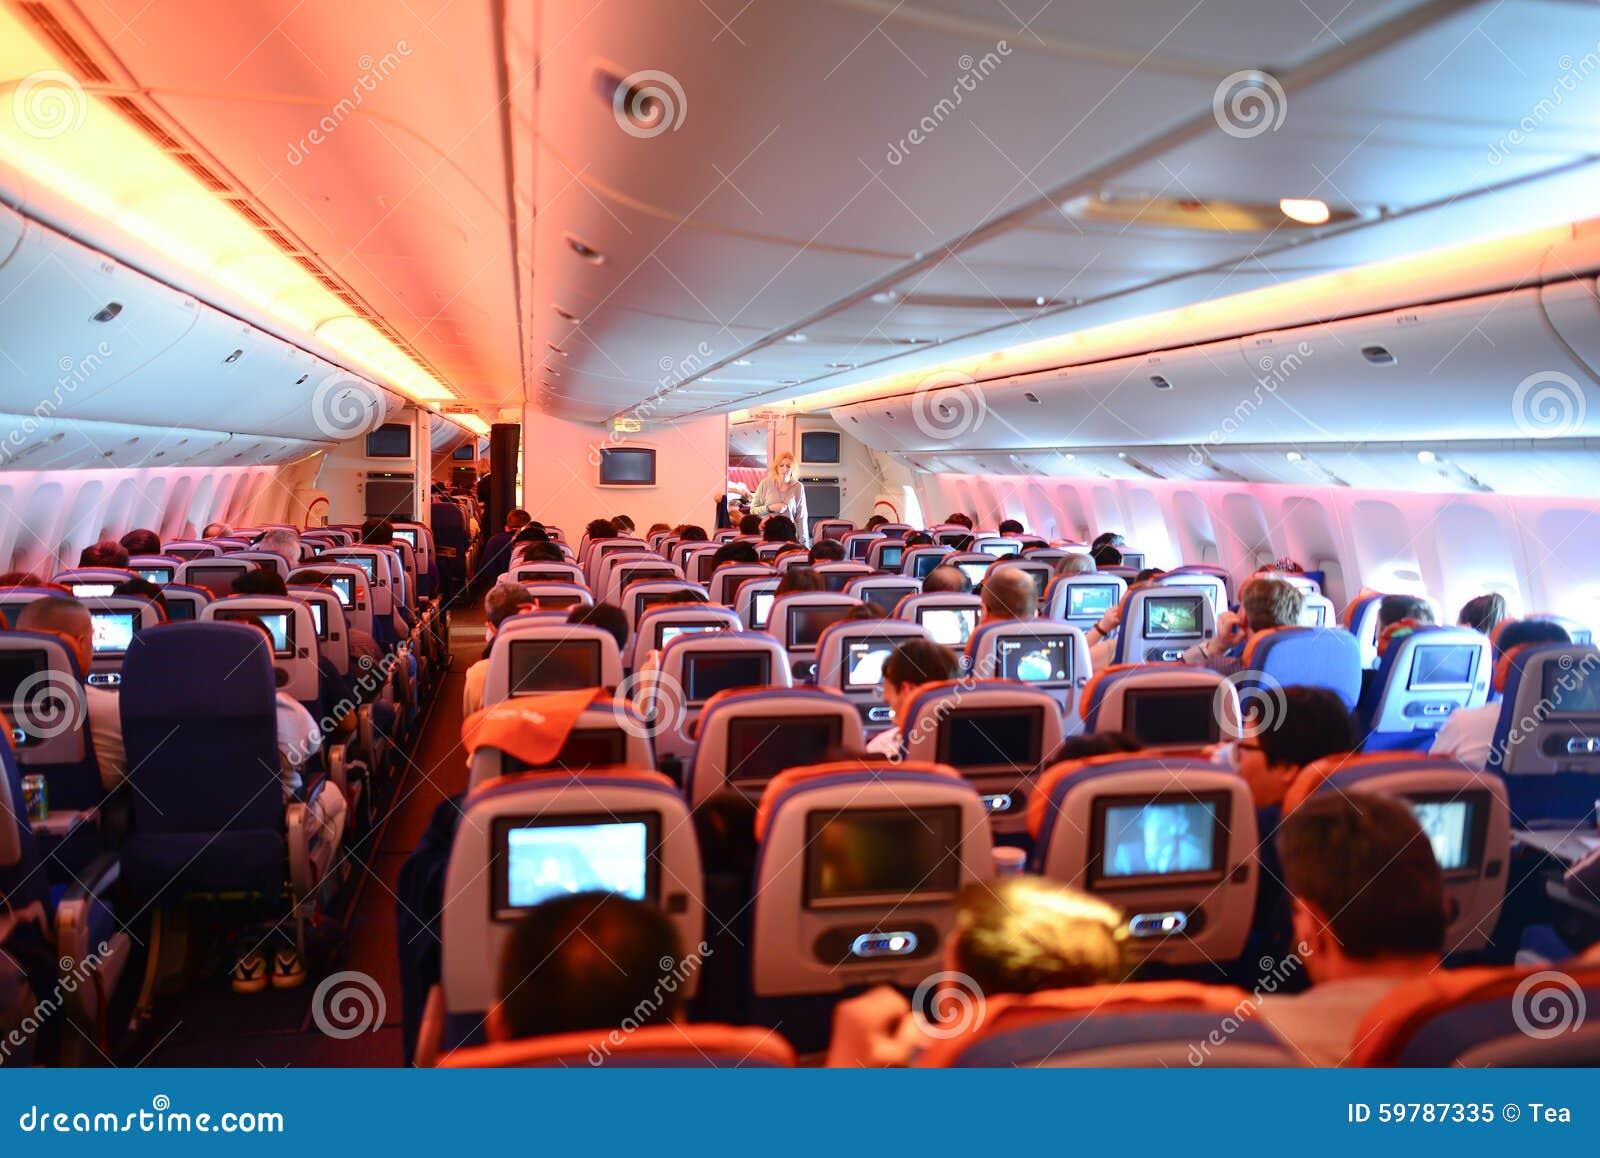 Innenraum aeroflots boeing 777 redaktionelles bild bild for Interieur boeing 777